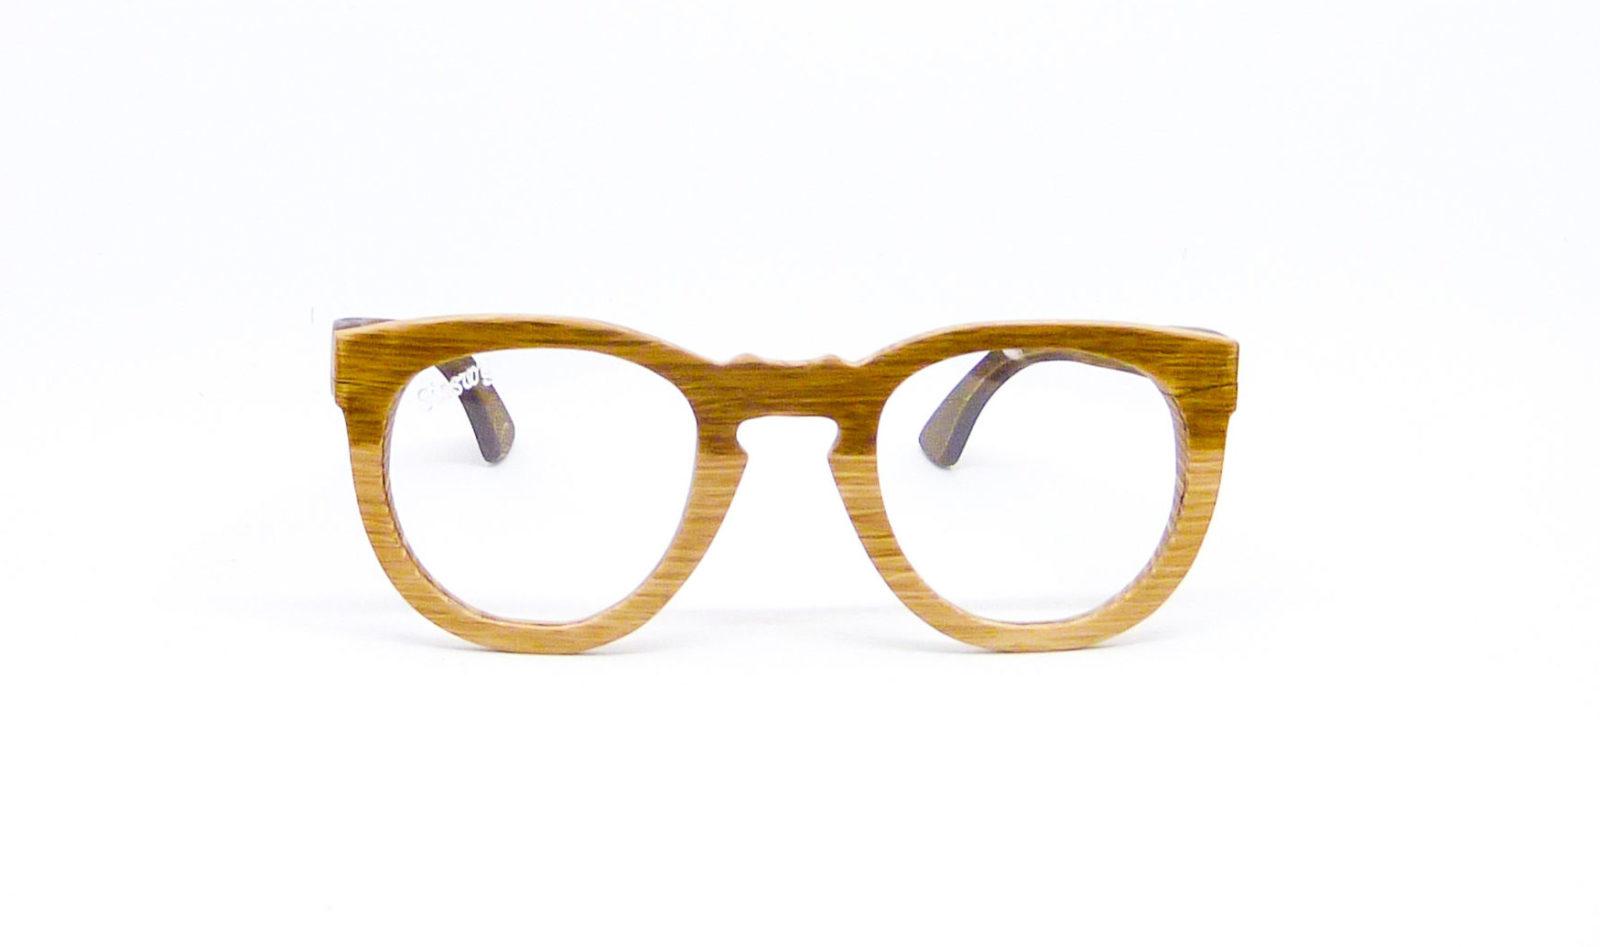 lunettes wavre bois belgique soleil polarisées tendance femmes UV400 mode